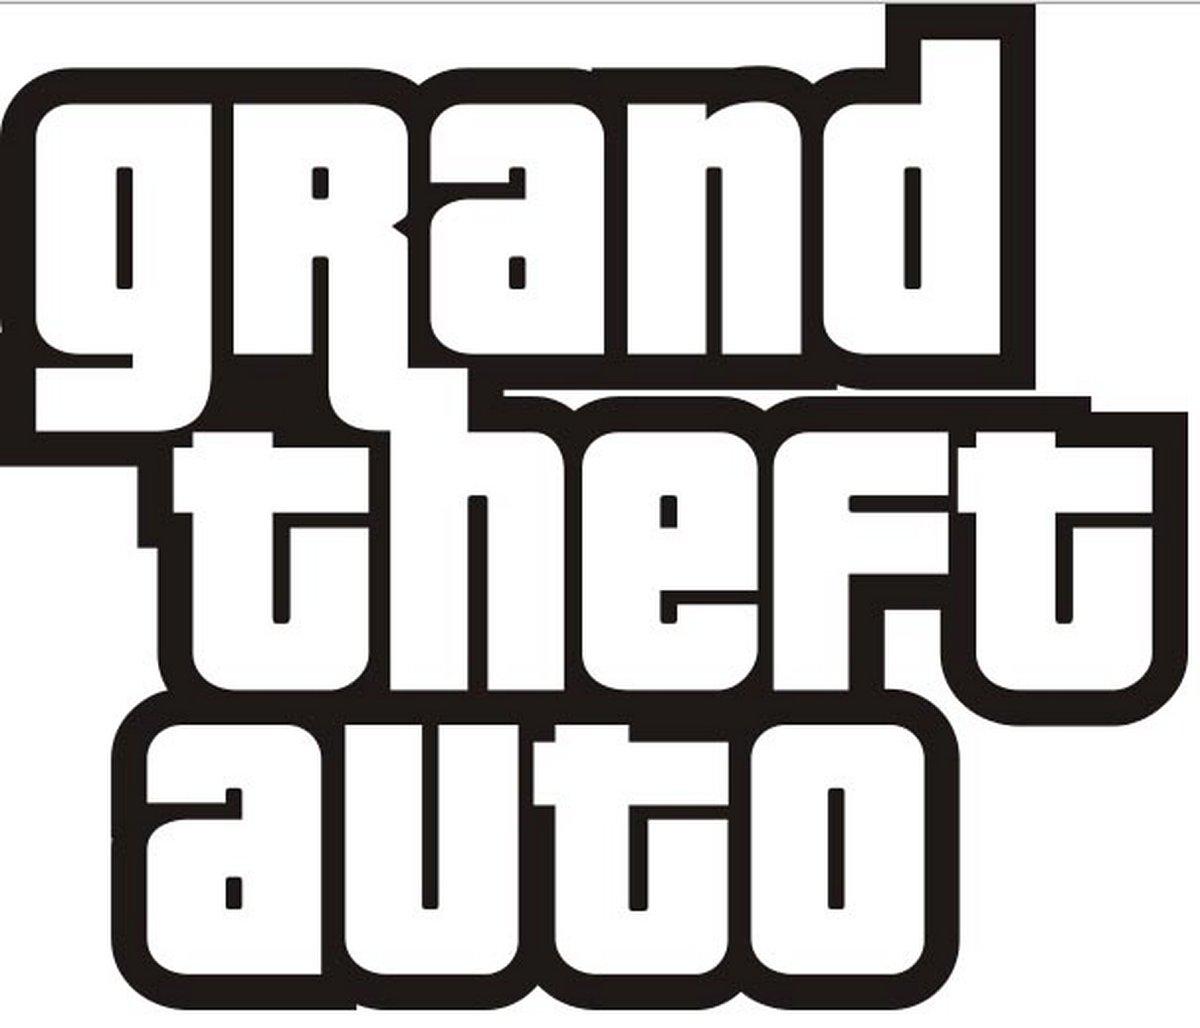 Gta V To Release In October